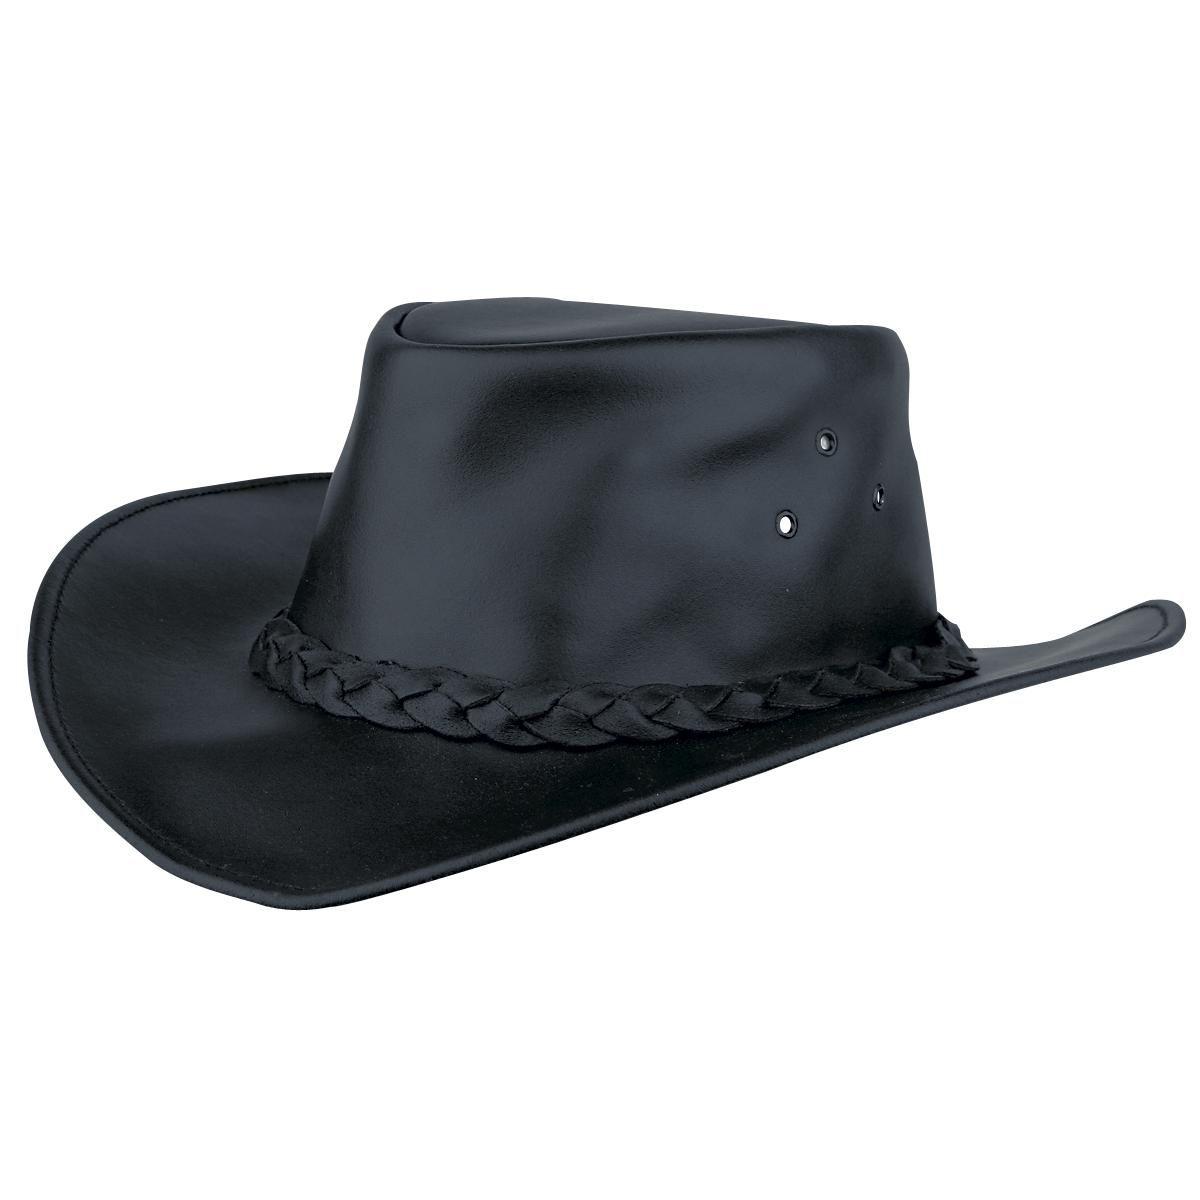 Sombrero - Sombrero vaquero salvaje oeste  29.99 € EMP Mailorder España La  venta por correo y on line Rock Metal Punk  Camisetas f639eda1551